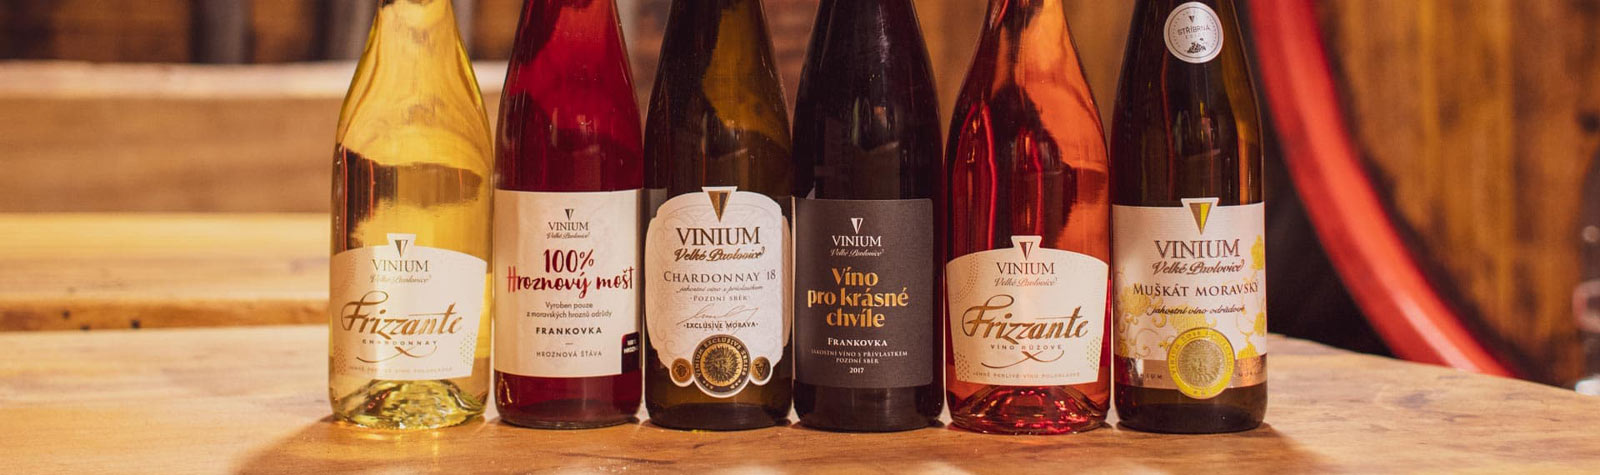 Karton vína za výhodnou cenu